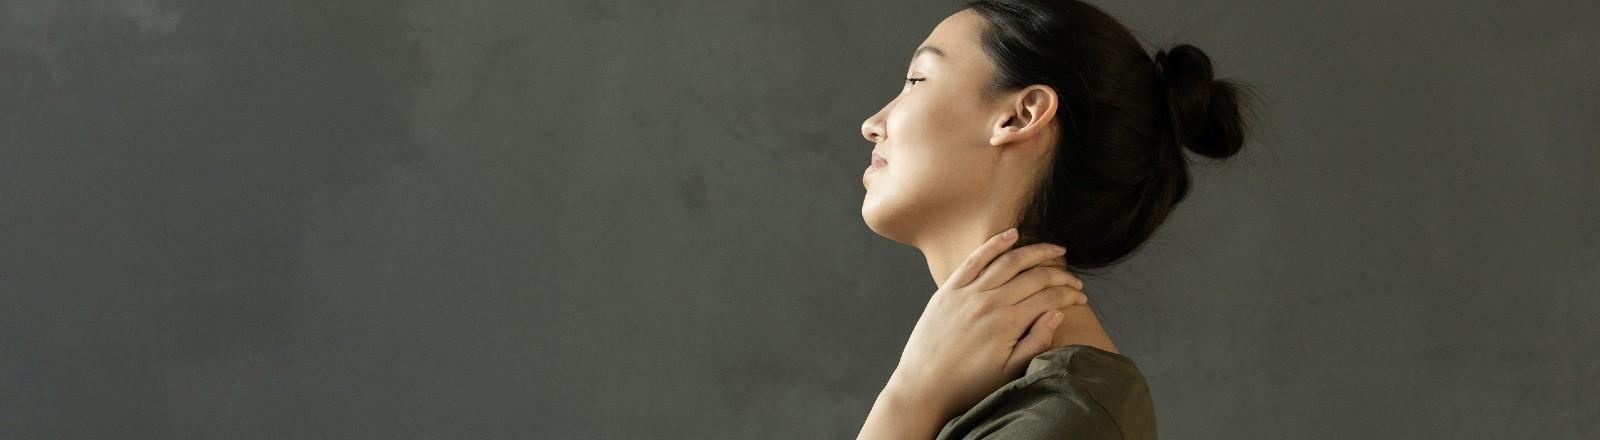 Eine Frau sitzt auf dem Bett und reibt sich den Nacken